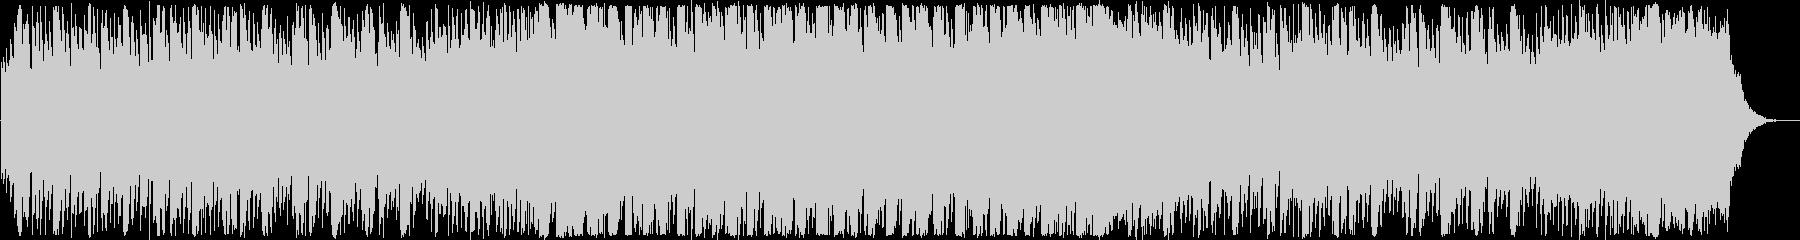 おしゃれな洋楽EDMの未再生の波形